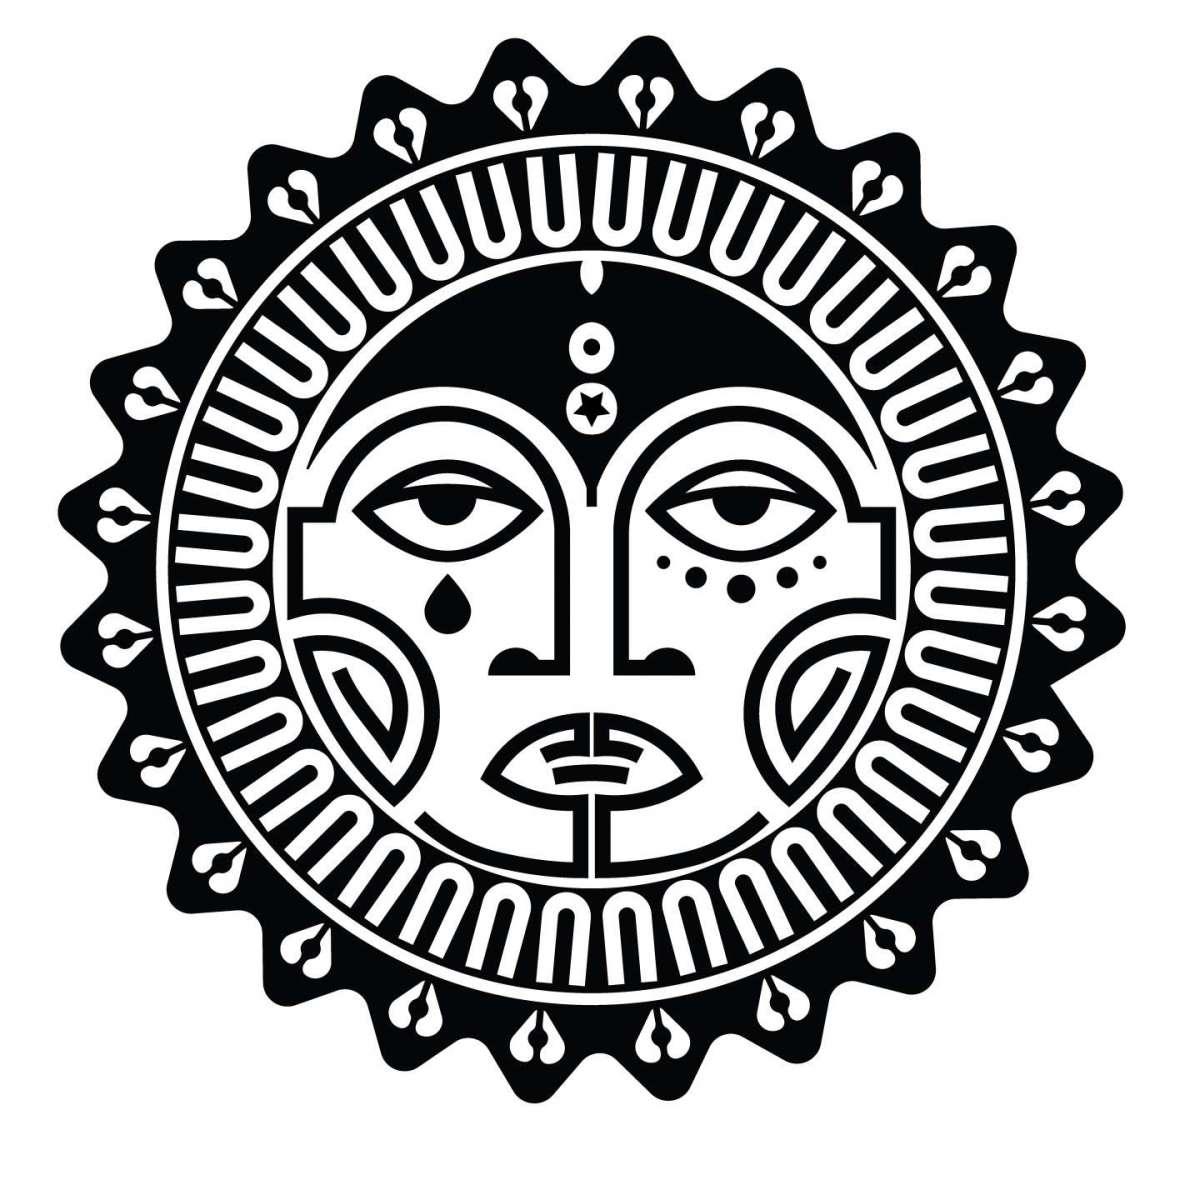 Disegno in bianco e nero per tatuaggio con sole maori